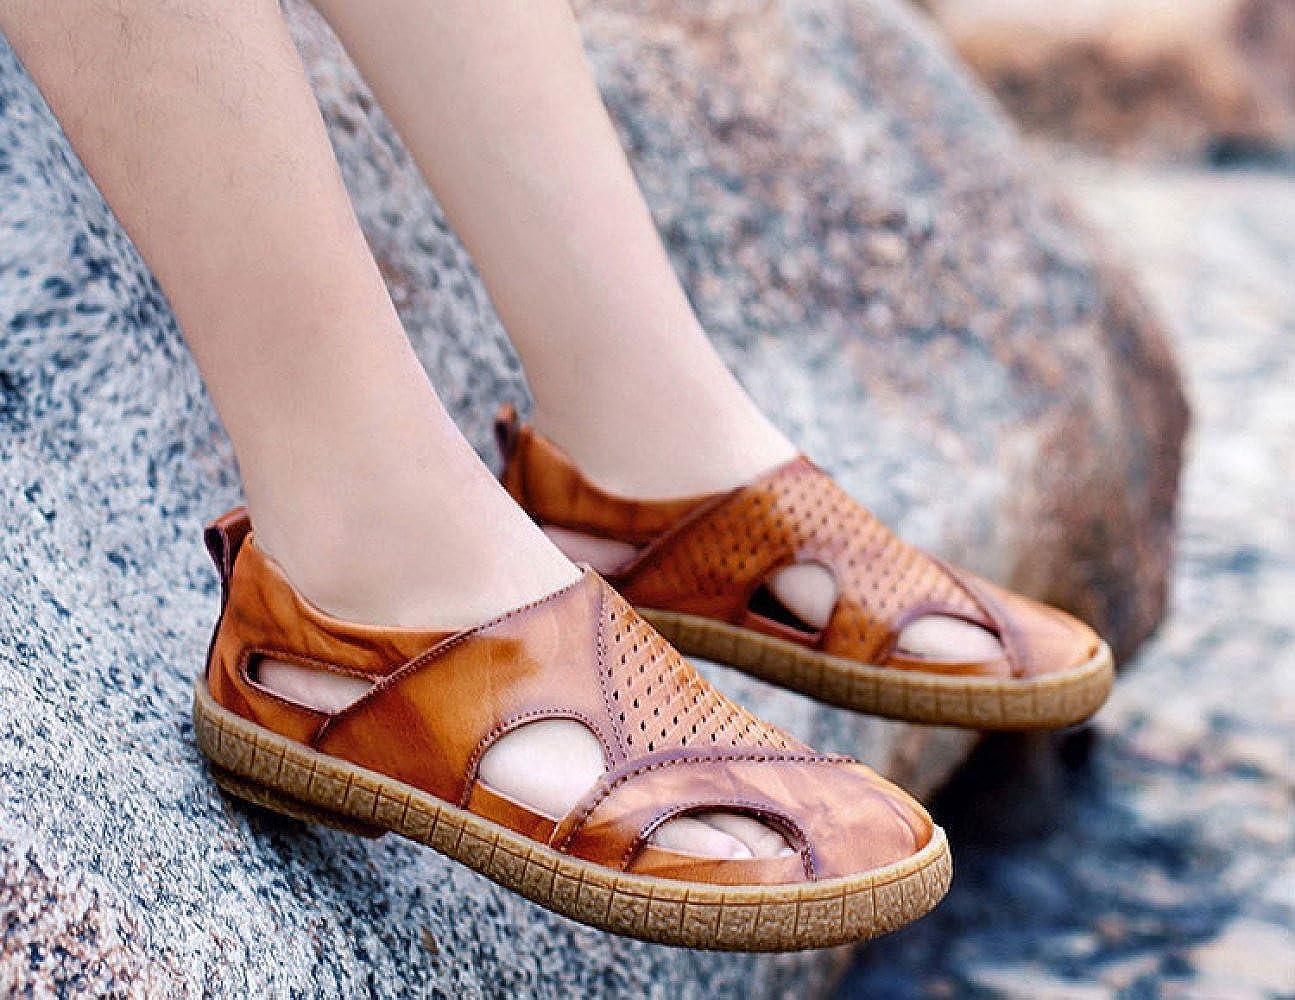 Sommer Mode Breathable Sandalen Komfortable Wilde Freizeitschuhe Breathable Mode Herrenschuhe ROTBraun 2993cd